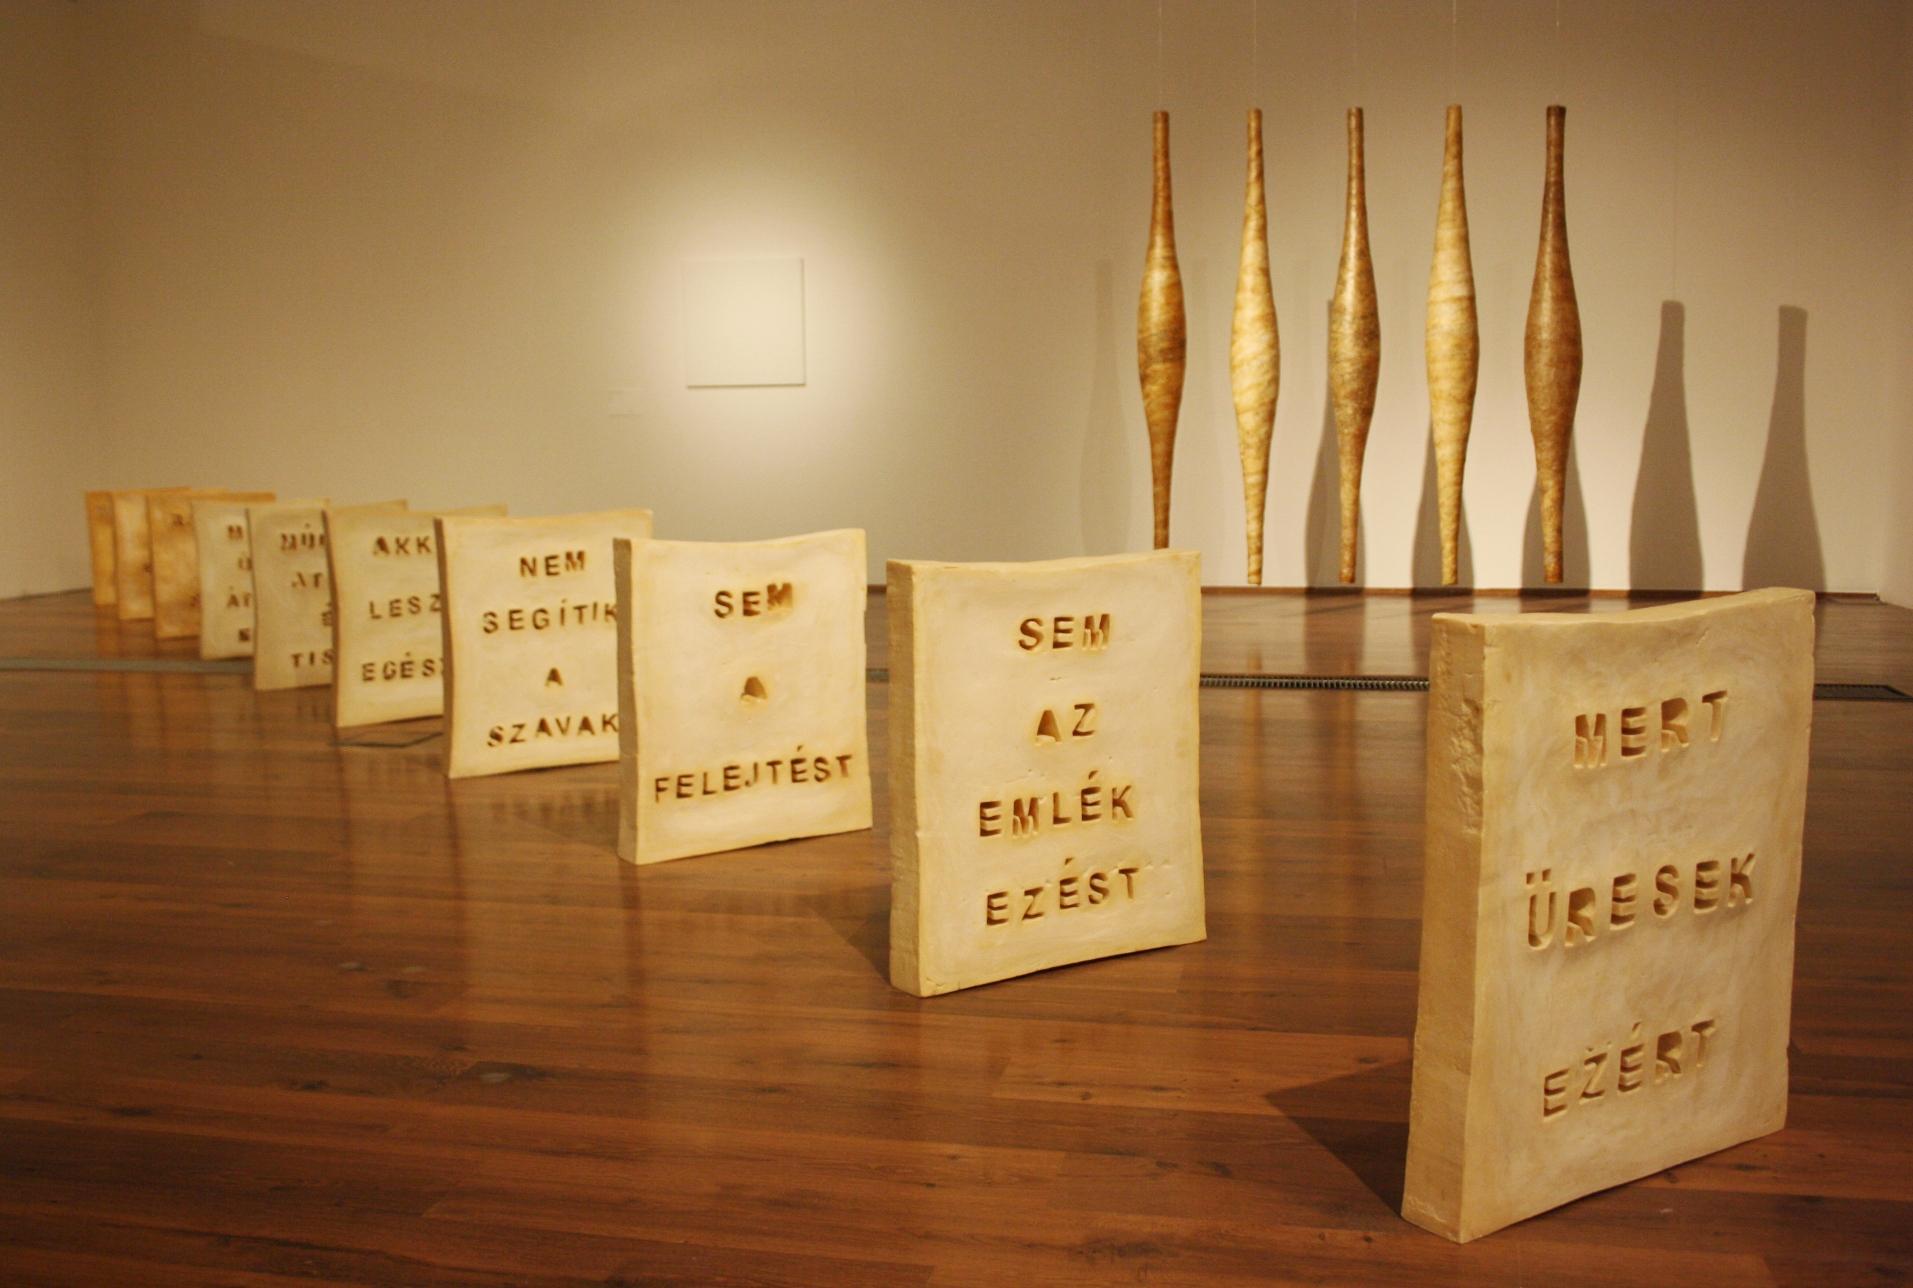 Baglyas Erika, Ami marad, 2007, tíz darabos szappaninstalláció